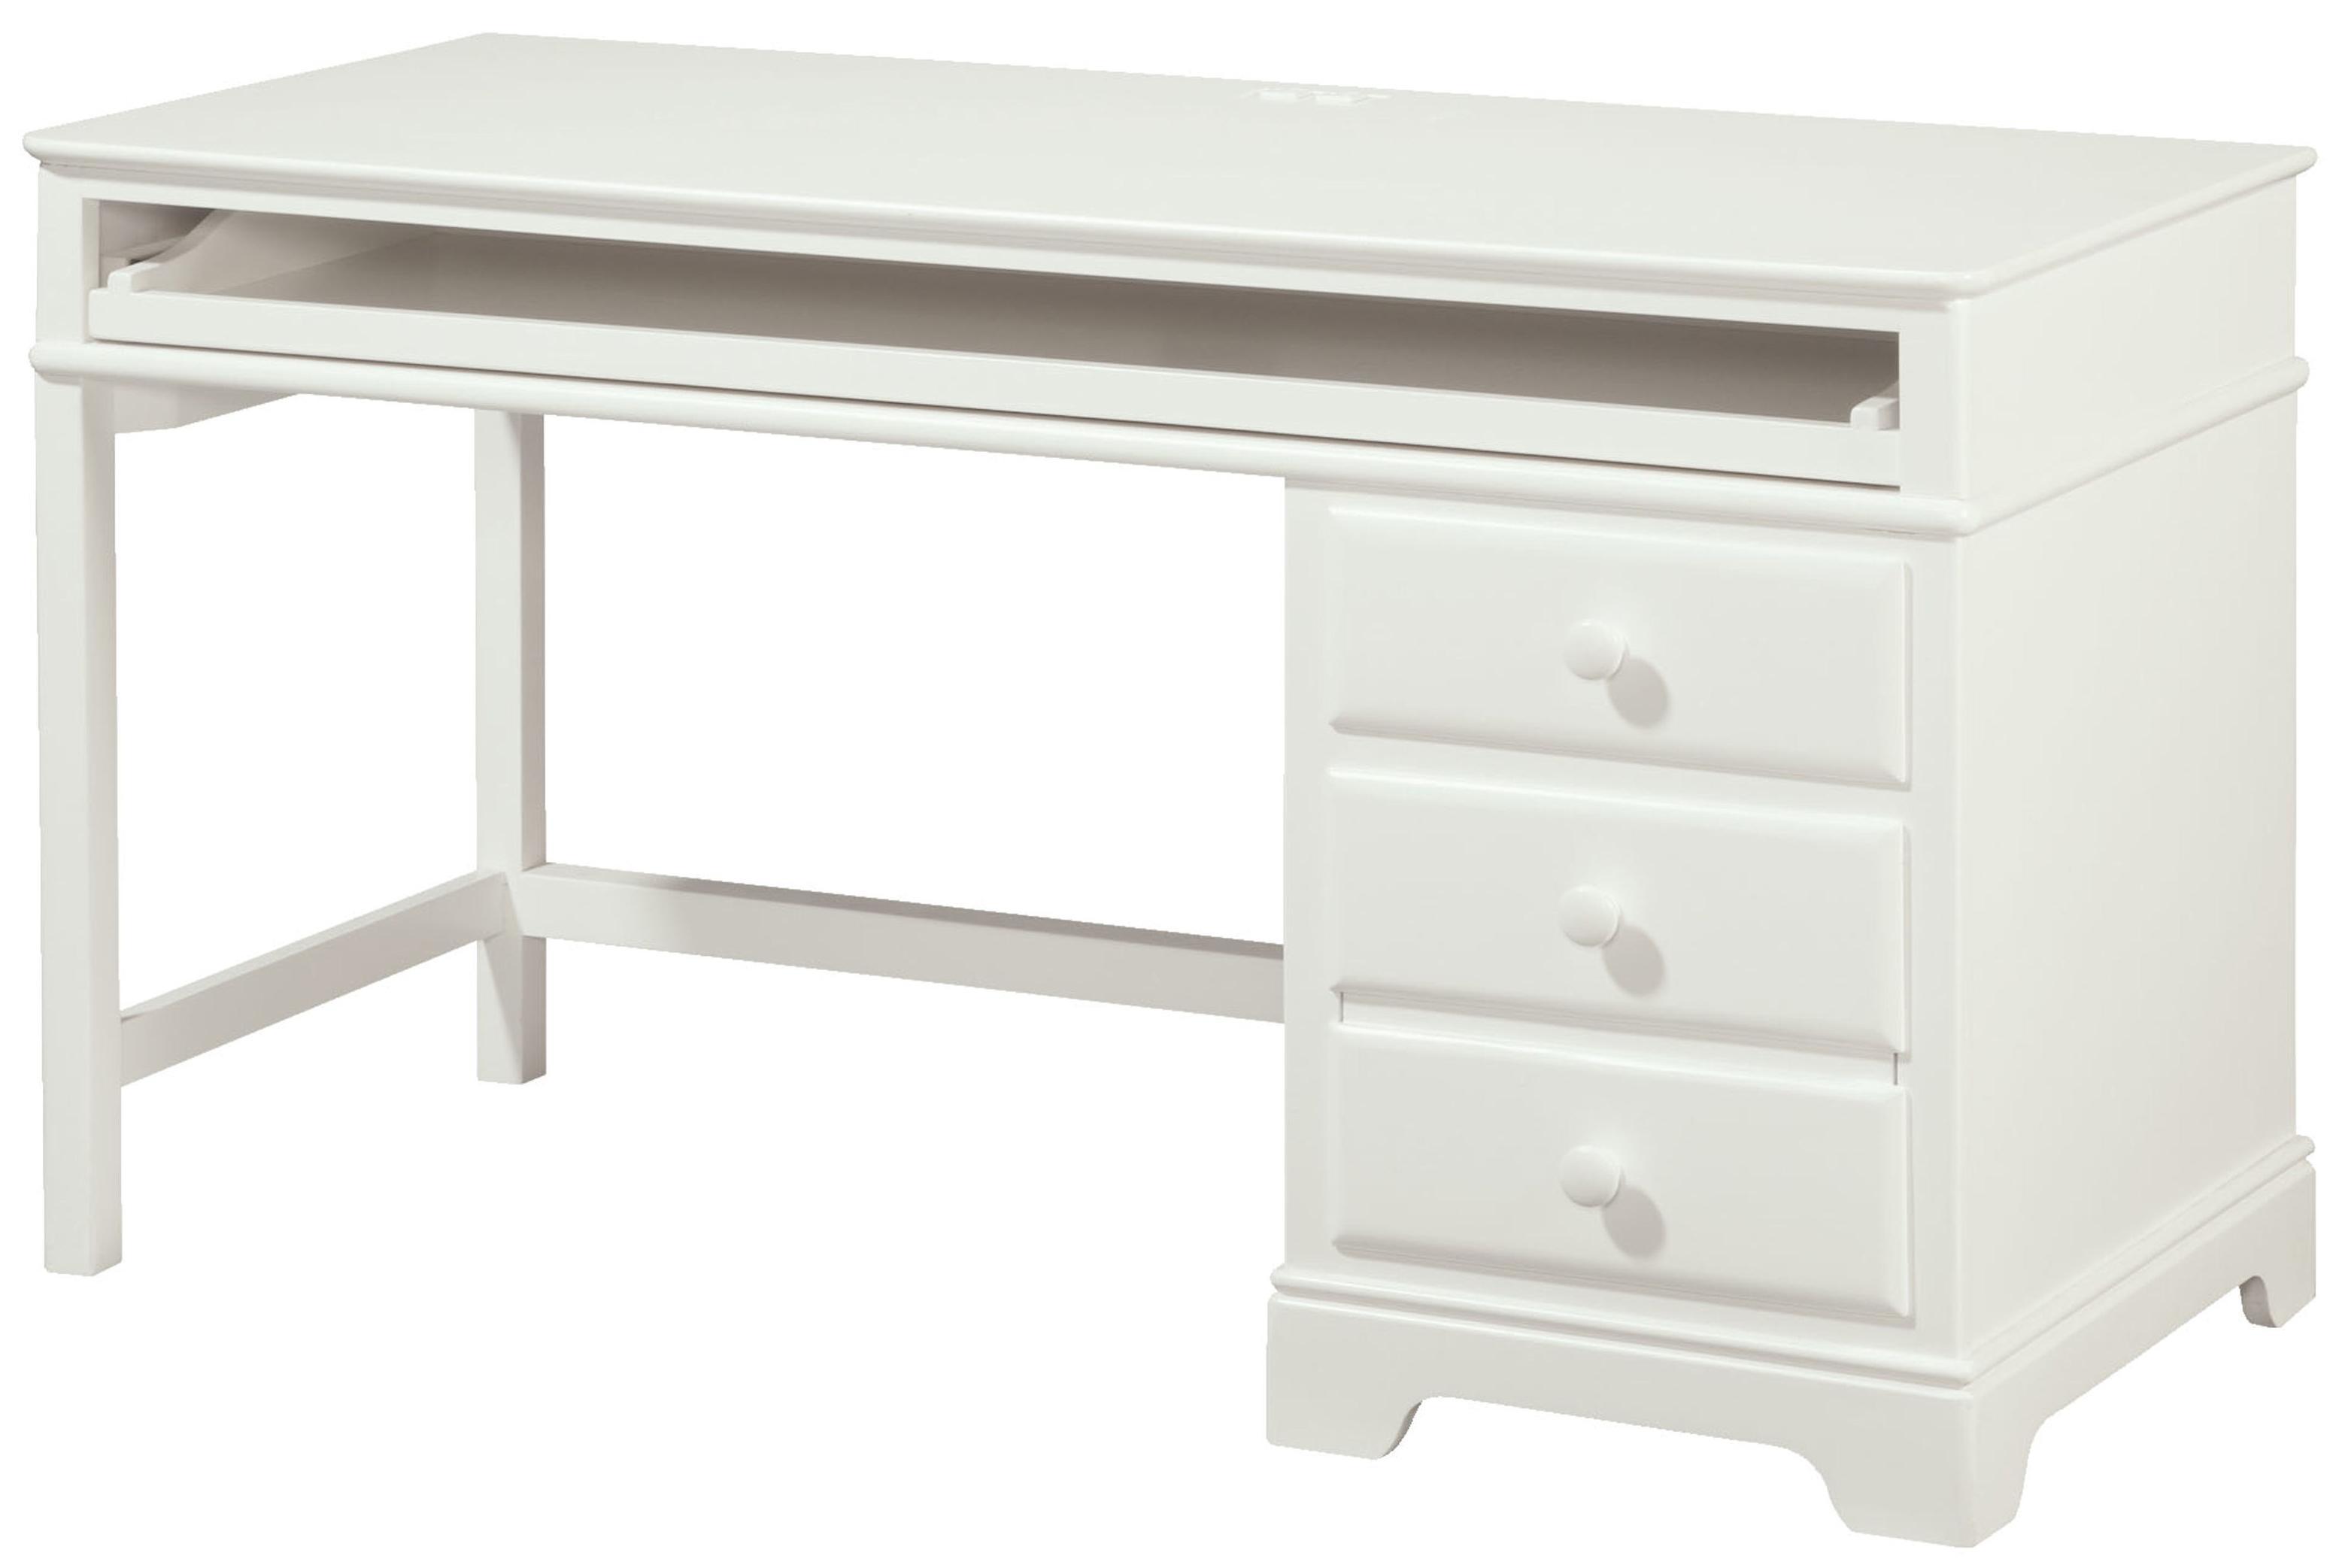 Smartstuff Classics 4.0 Desk - Item Number: 131A027